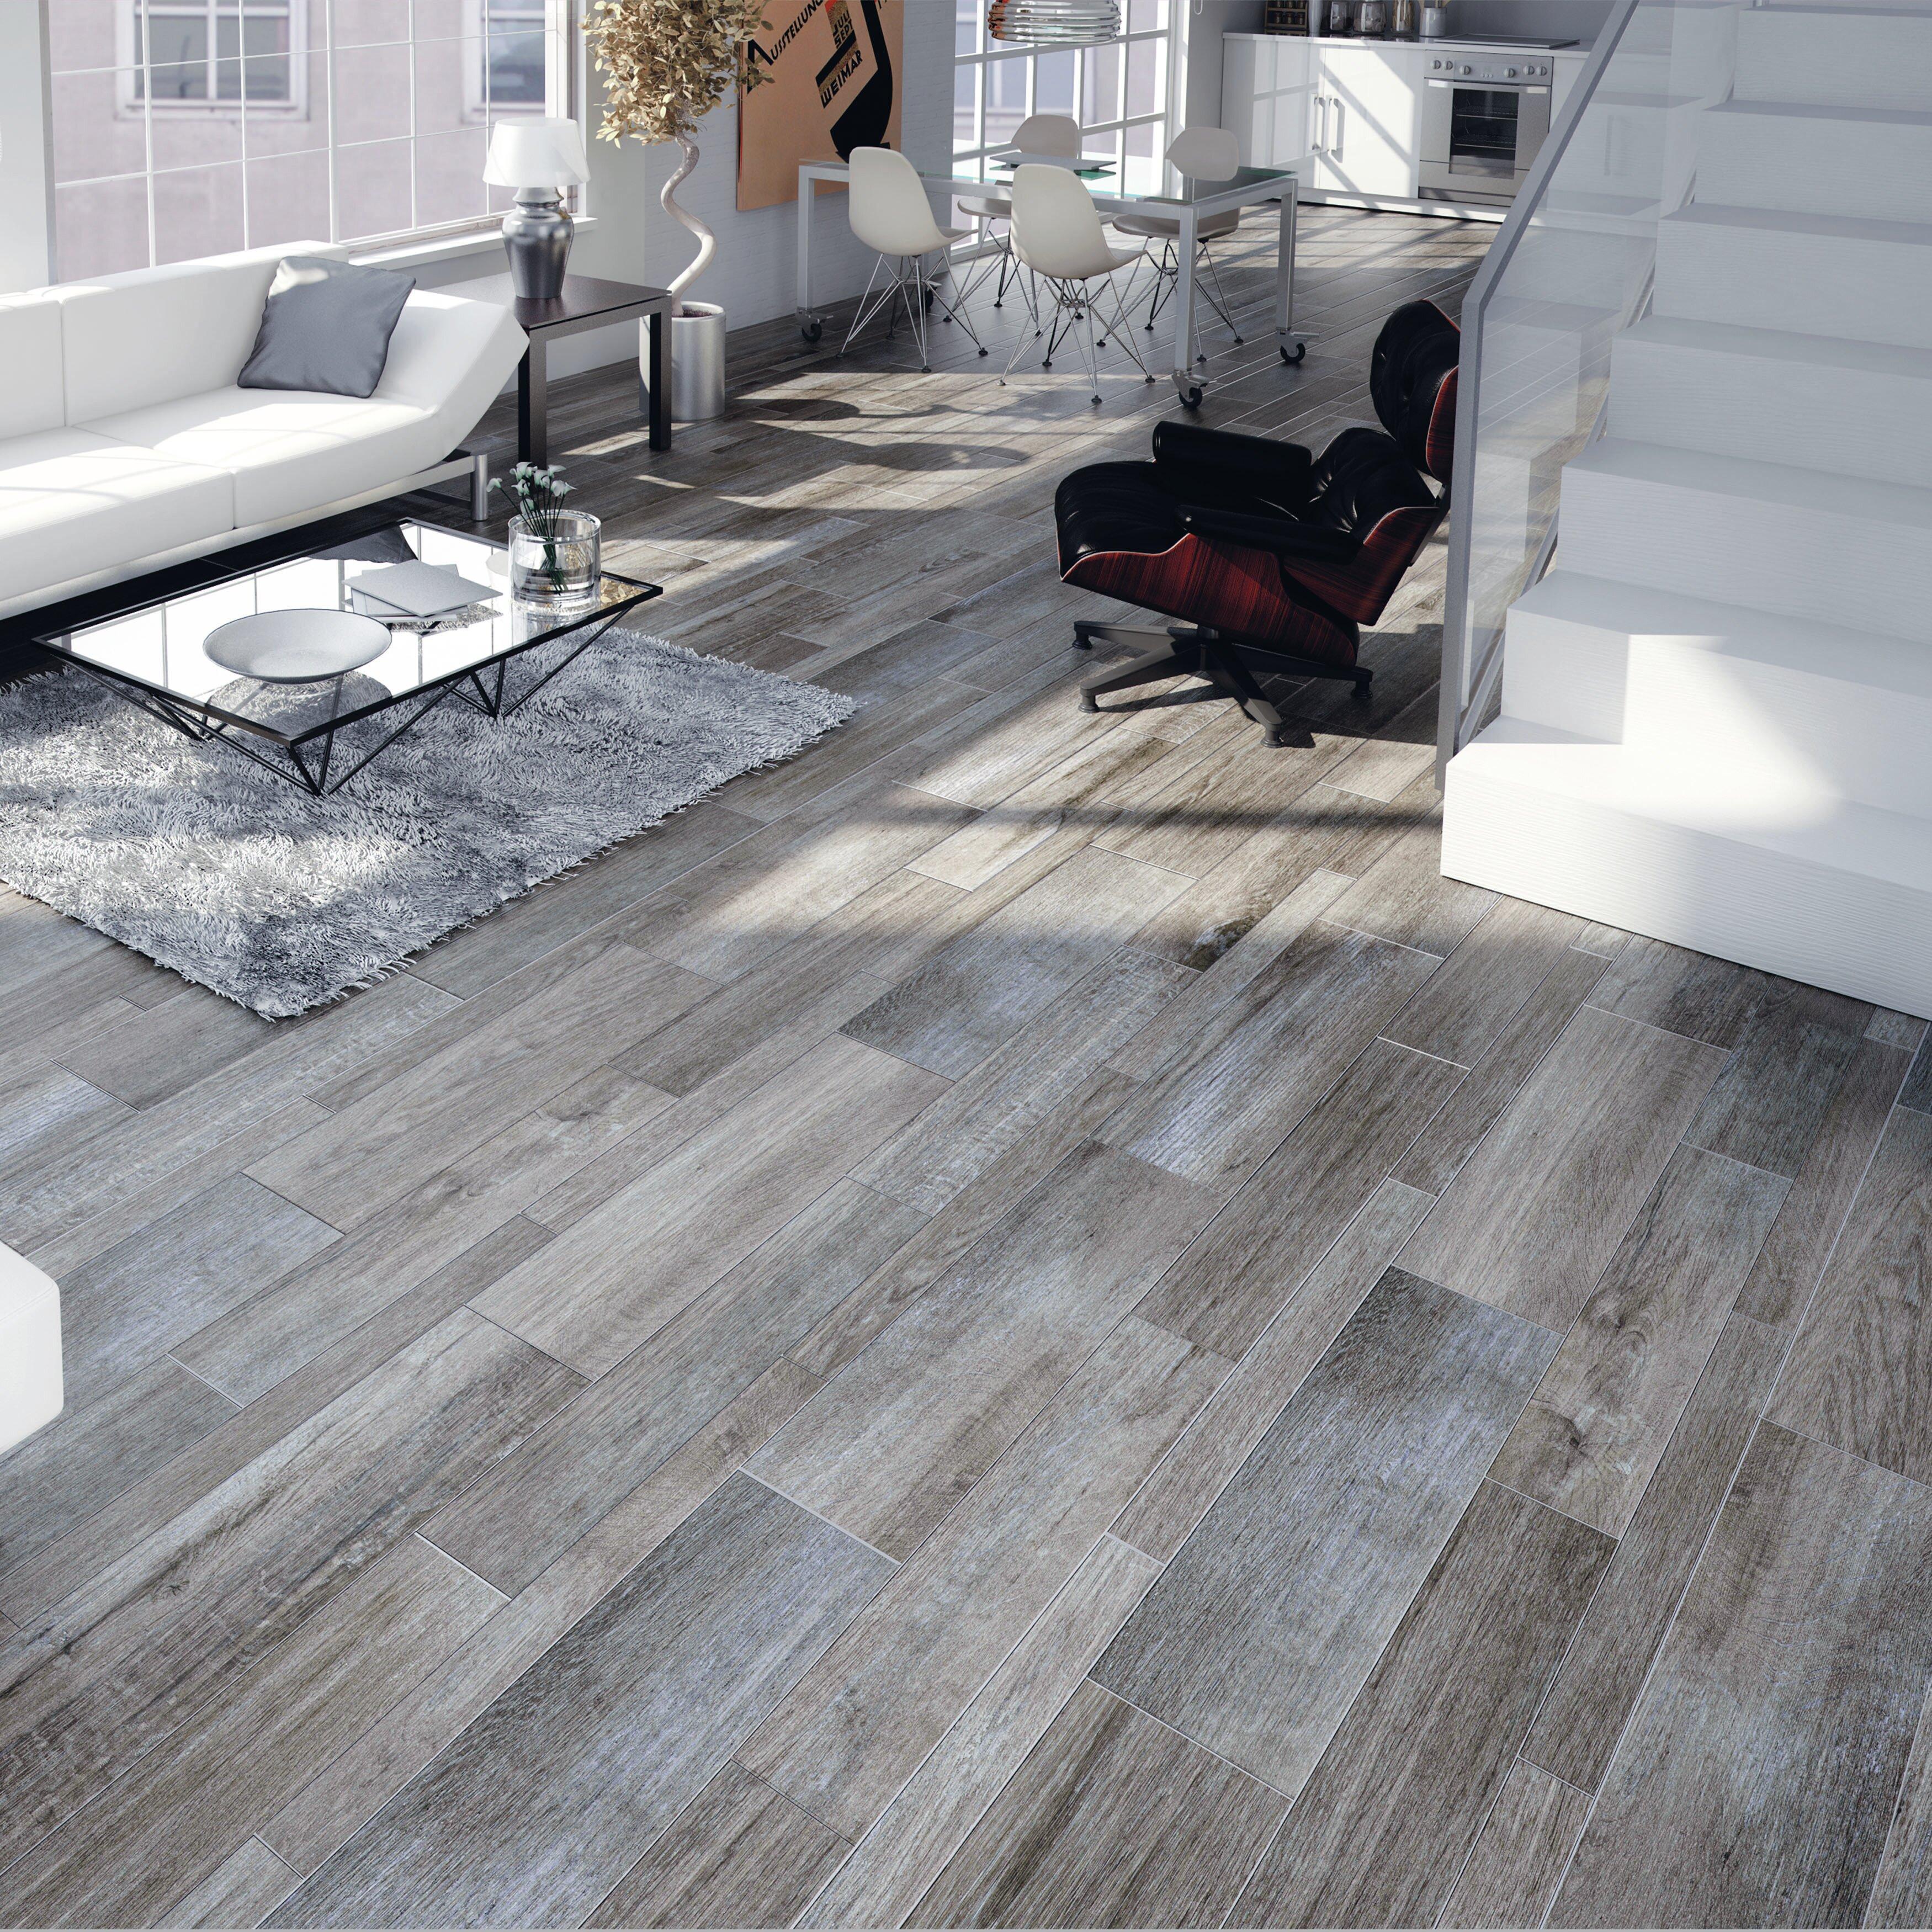 elitetile savona 8 quot x 26 quot porcelain wood tile in gris